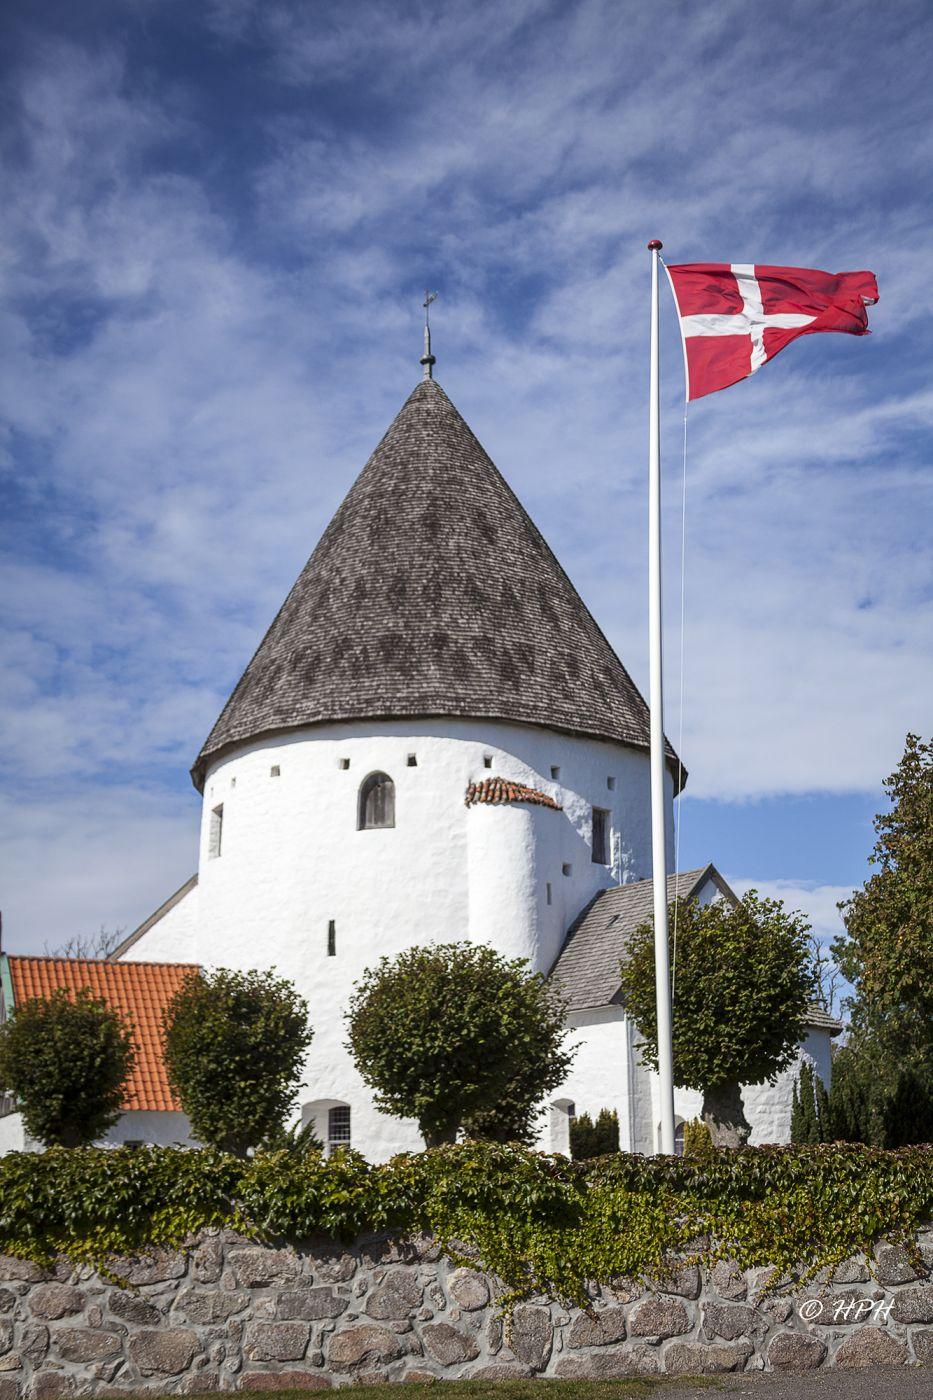 Olsker Church, Denmark